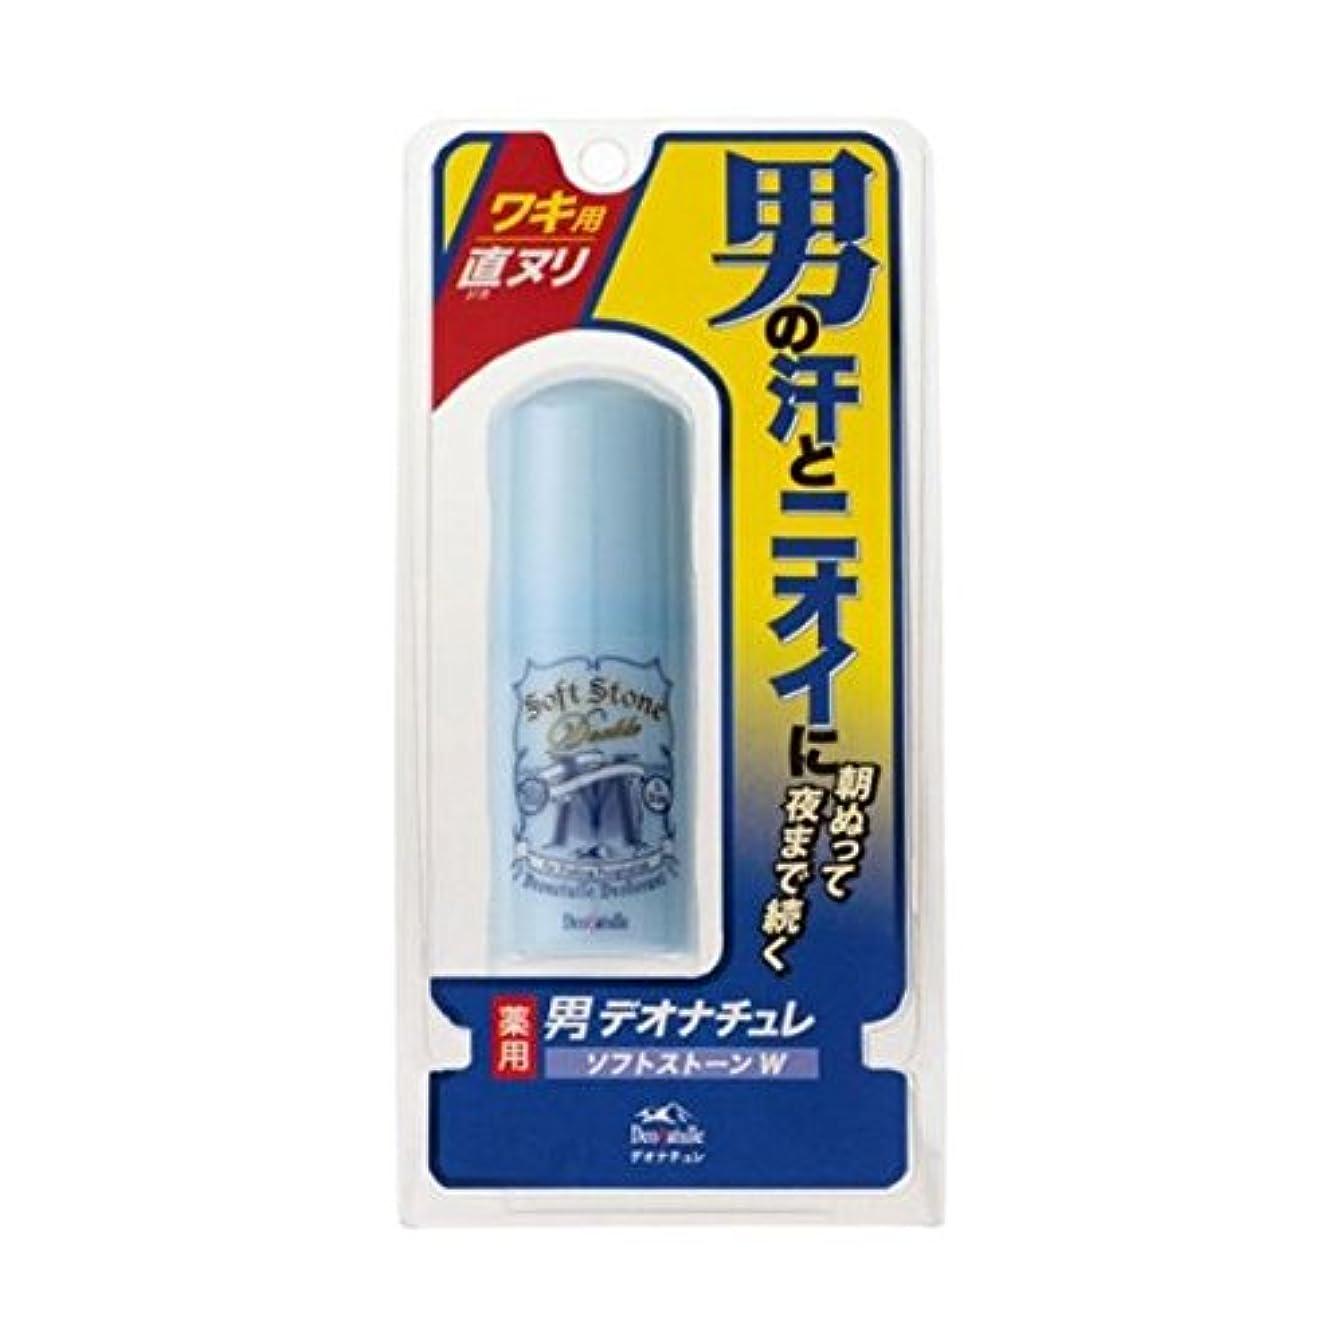 ペフ勝つ練るデオナチュレ 男ソフトストーン20Gx3個セット (4971825011747)